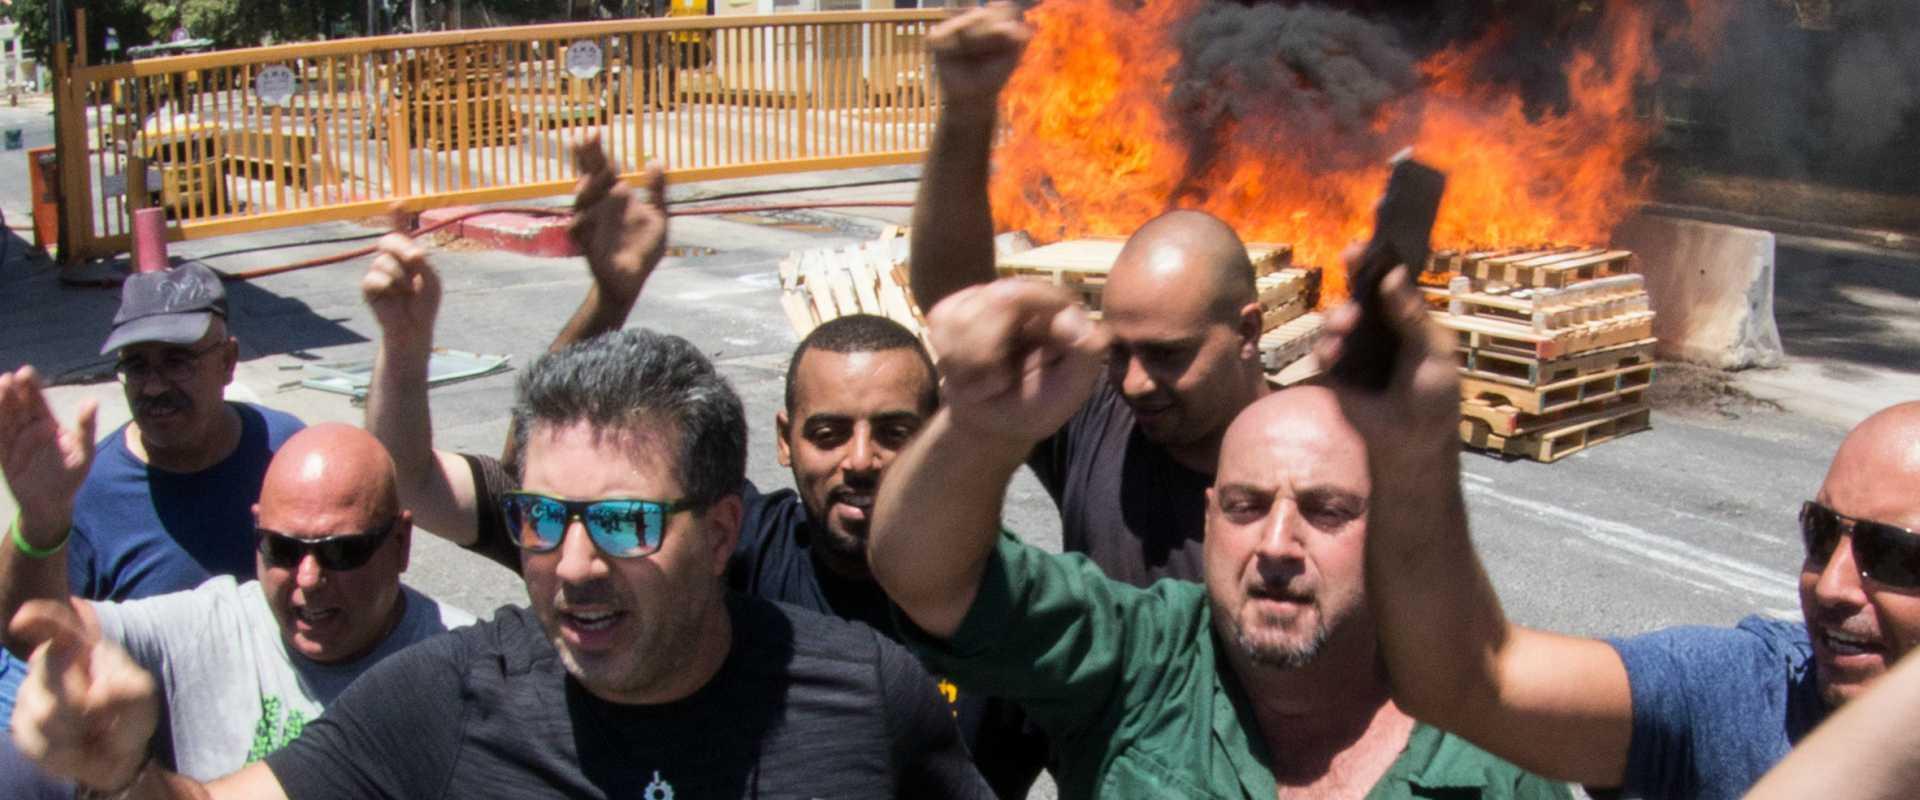 עובדי חיפה כימיקלים מפגינים במפעל